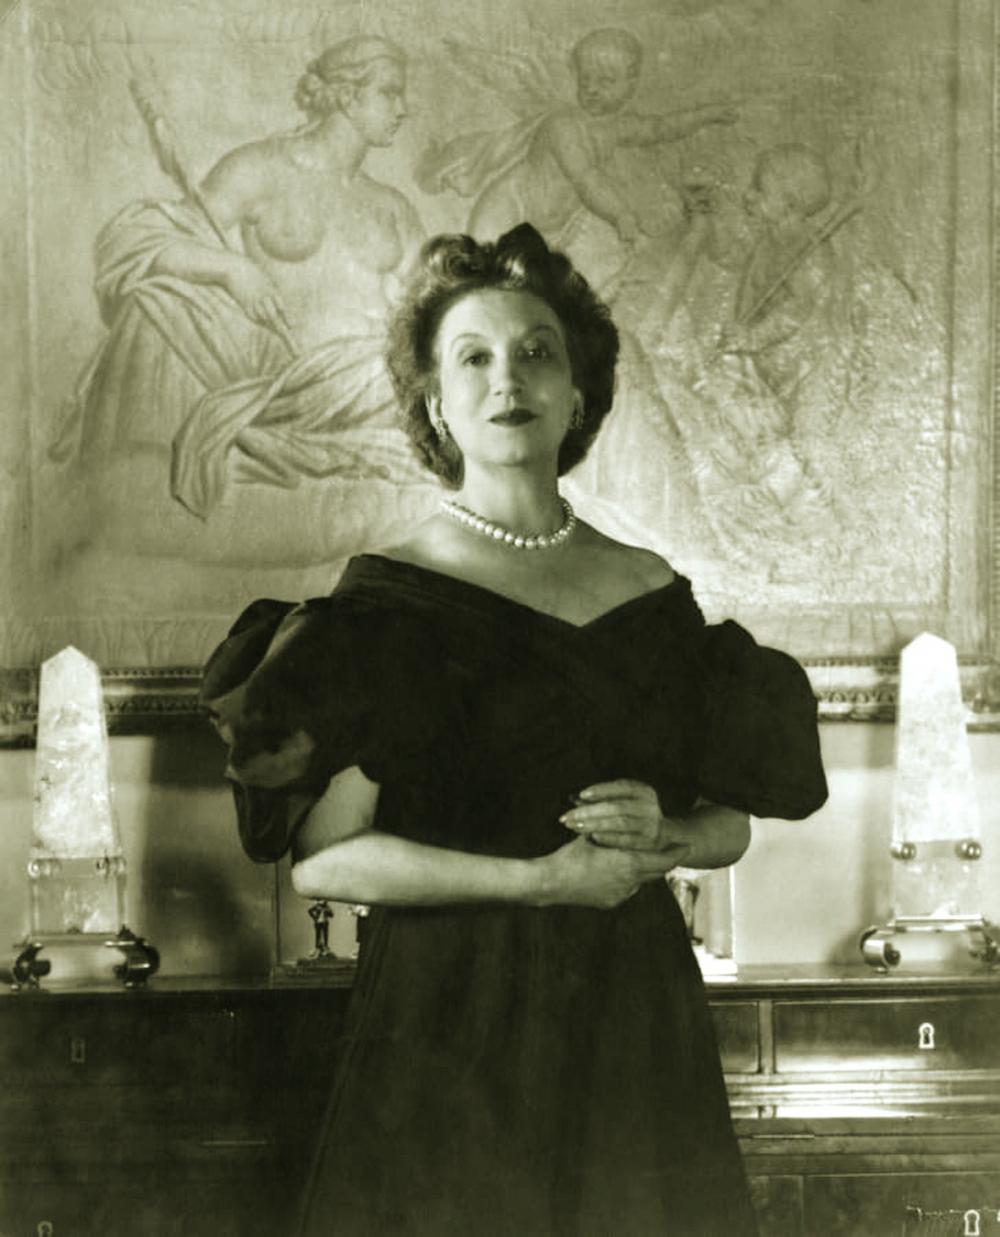 Chân dung nữ doanh nhân ngành mỹ phẩm  và chủ hiệu làm đẹp Elizabeth Arden (1947)